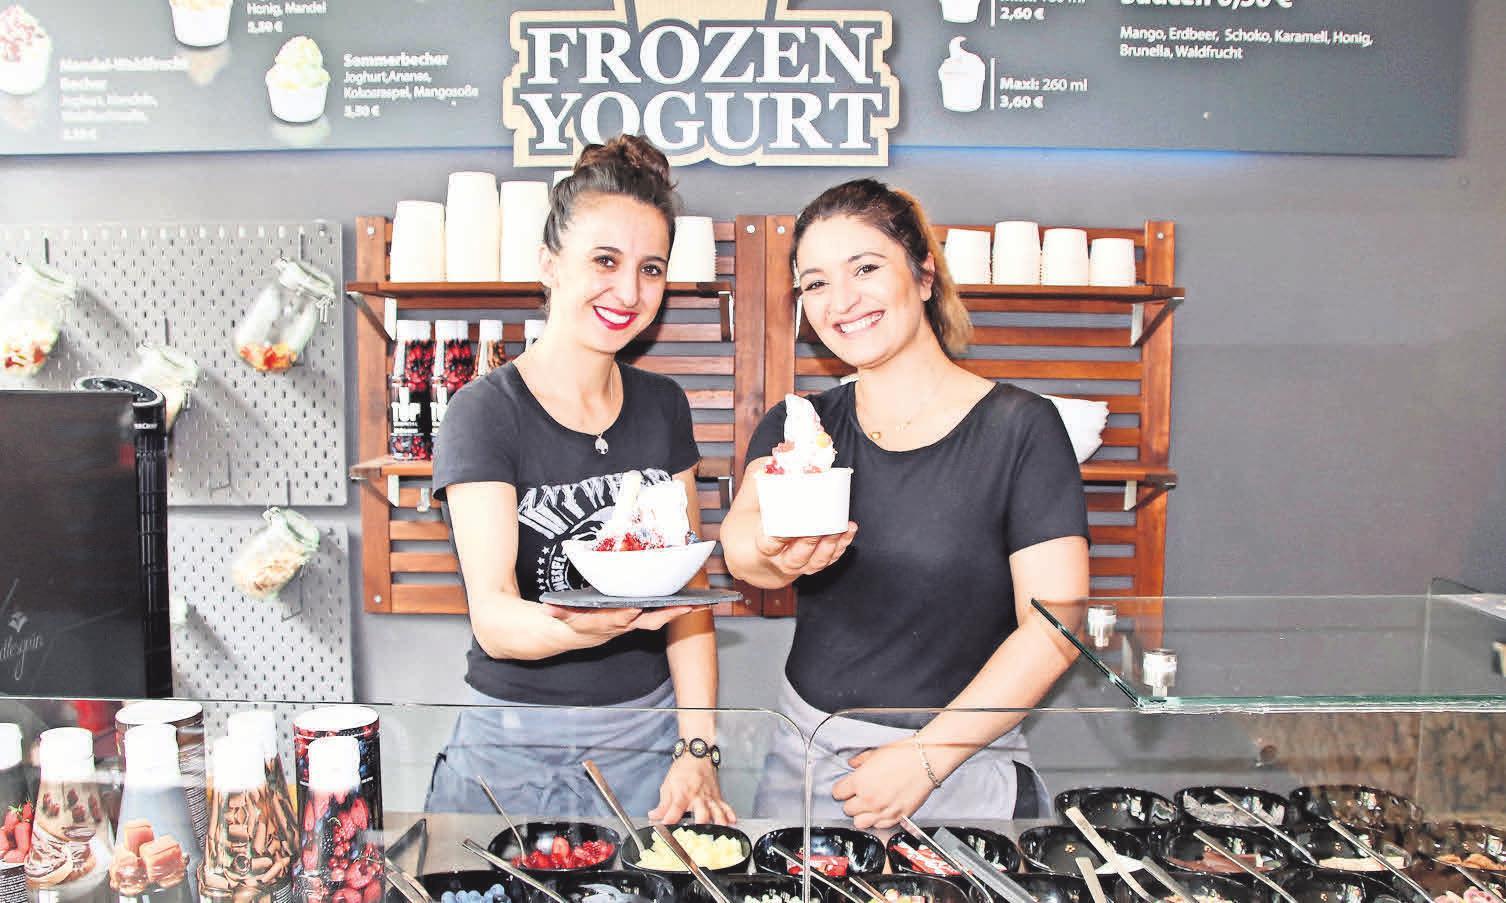 Sevin Sünüm und Nilgin Düzgün verwöhnen ihre Gäste in der Feinkostwelt mit gesunden Erfrischungen: Frozen Yoghurt mit frischen Früchten oder Naschereien.